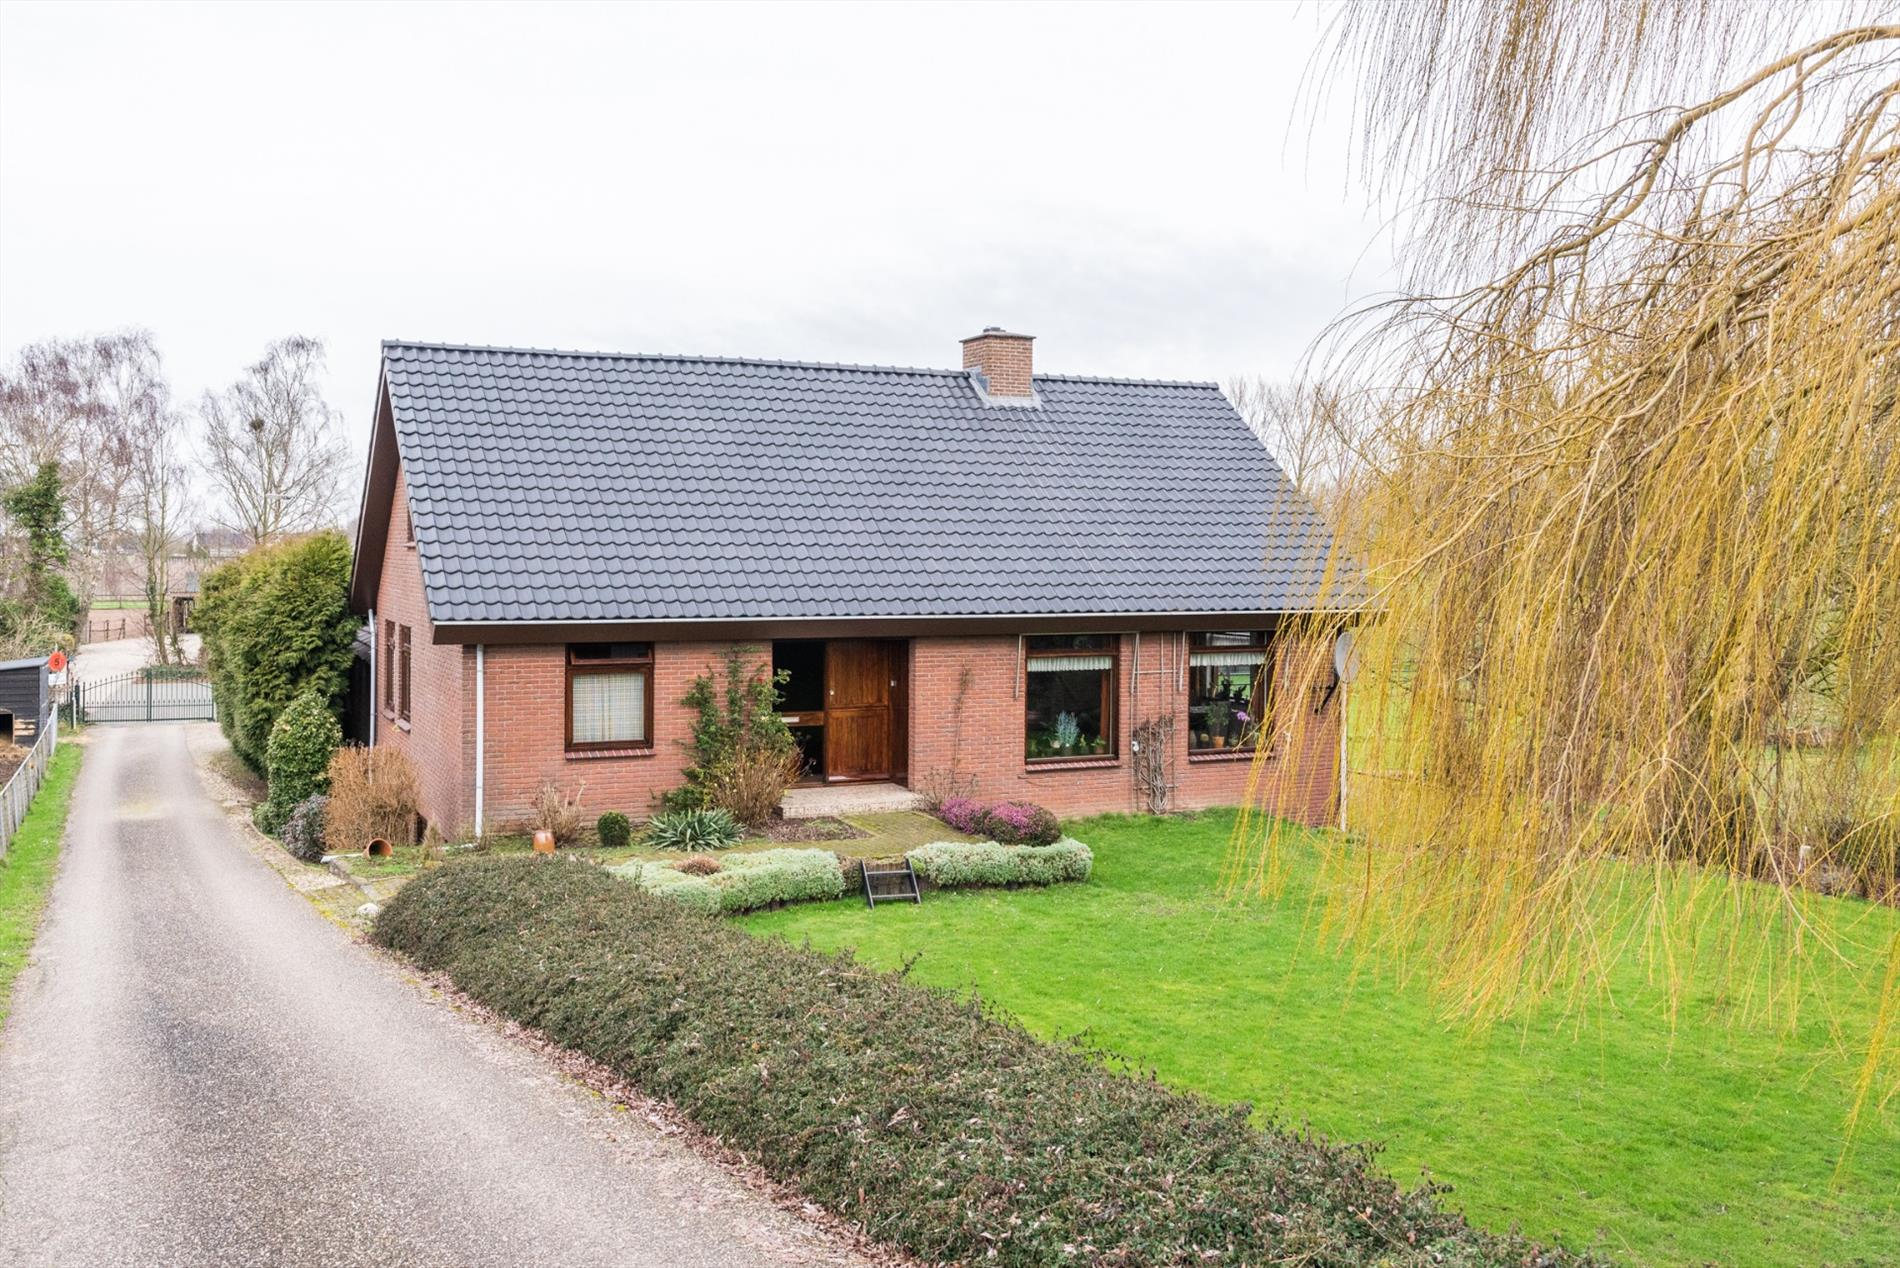 Te koop: Prachtige woonboerderij op riant perceel eigen grond!